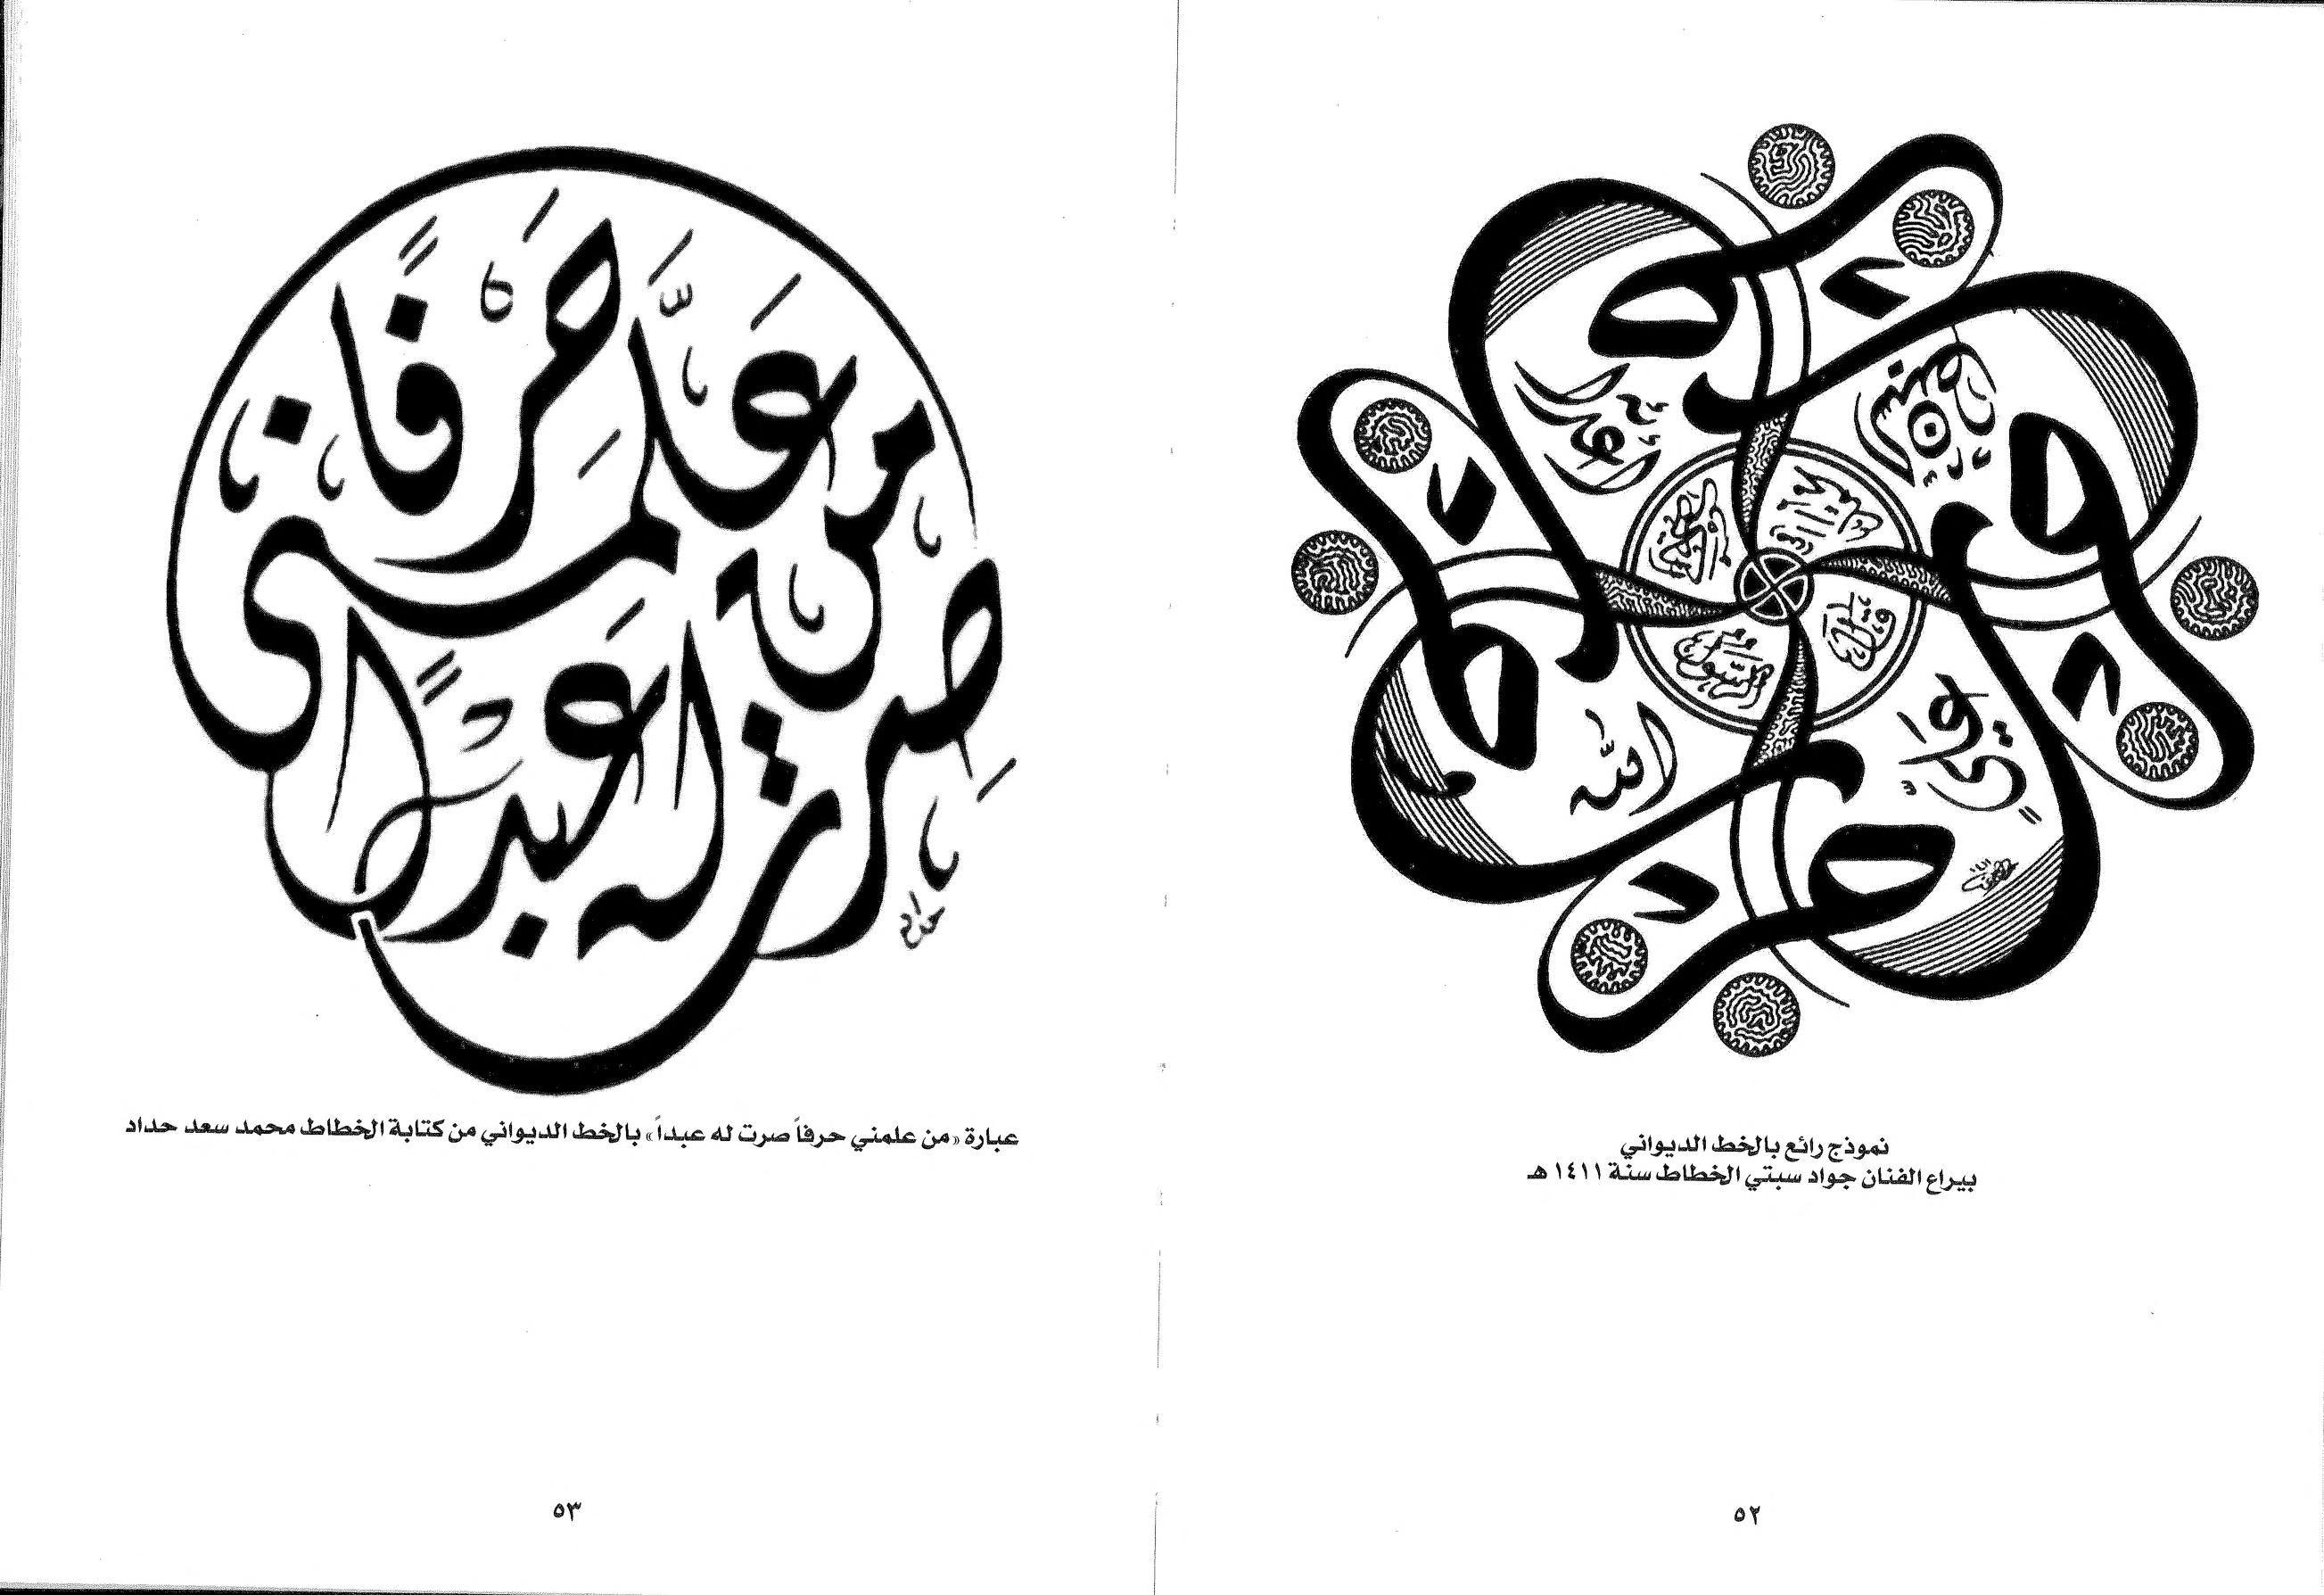 5399 كتاب اقرا اونلاين Pdf موسوعة الخط العربي الخط الديواني Free Download Borrow And Streaming Internet Arc Arabic Calligraphy Art Calligraphy Art Banner